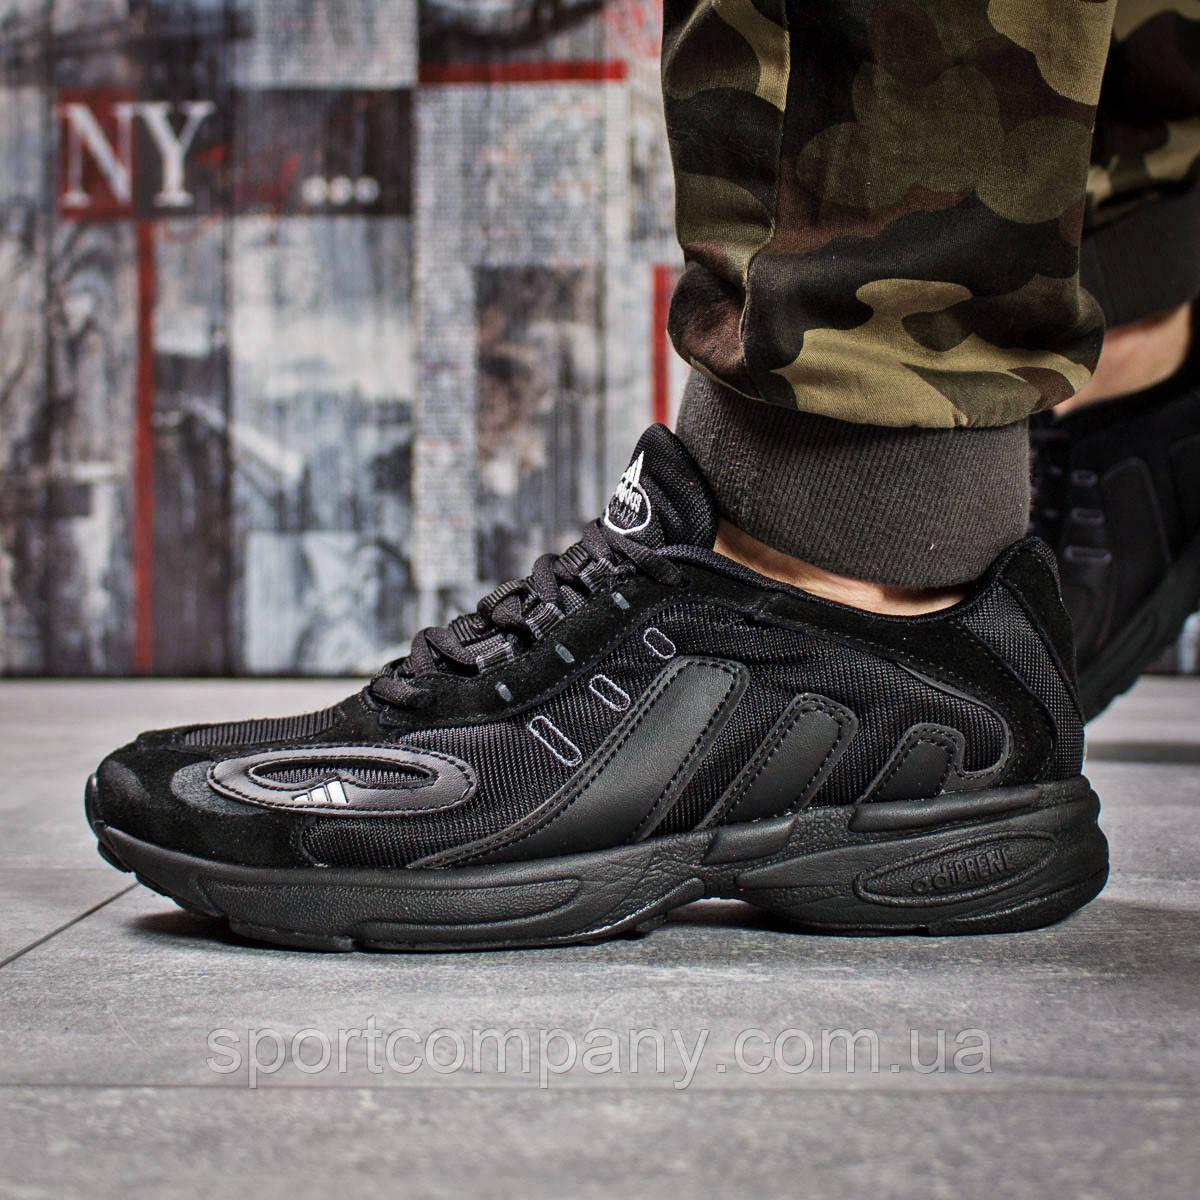 Кроссовки мужские 15911, Adidas Galaxy, черные, [ 41 42 44 ] р. 41-26,2см.